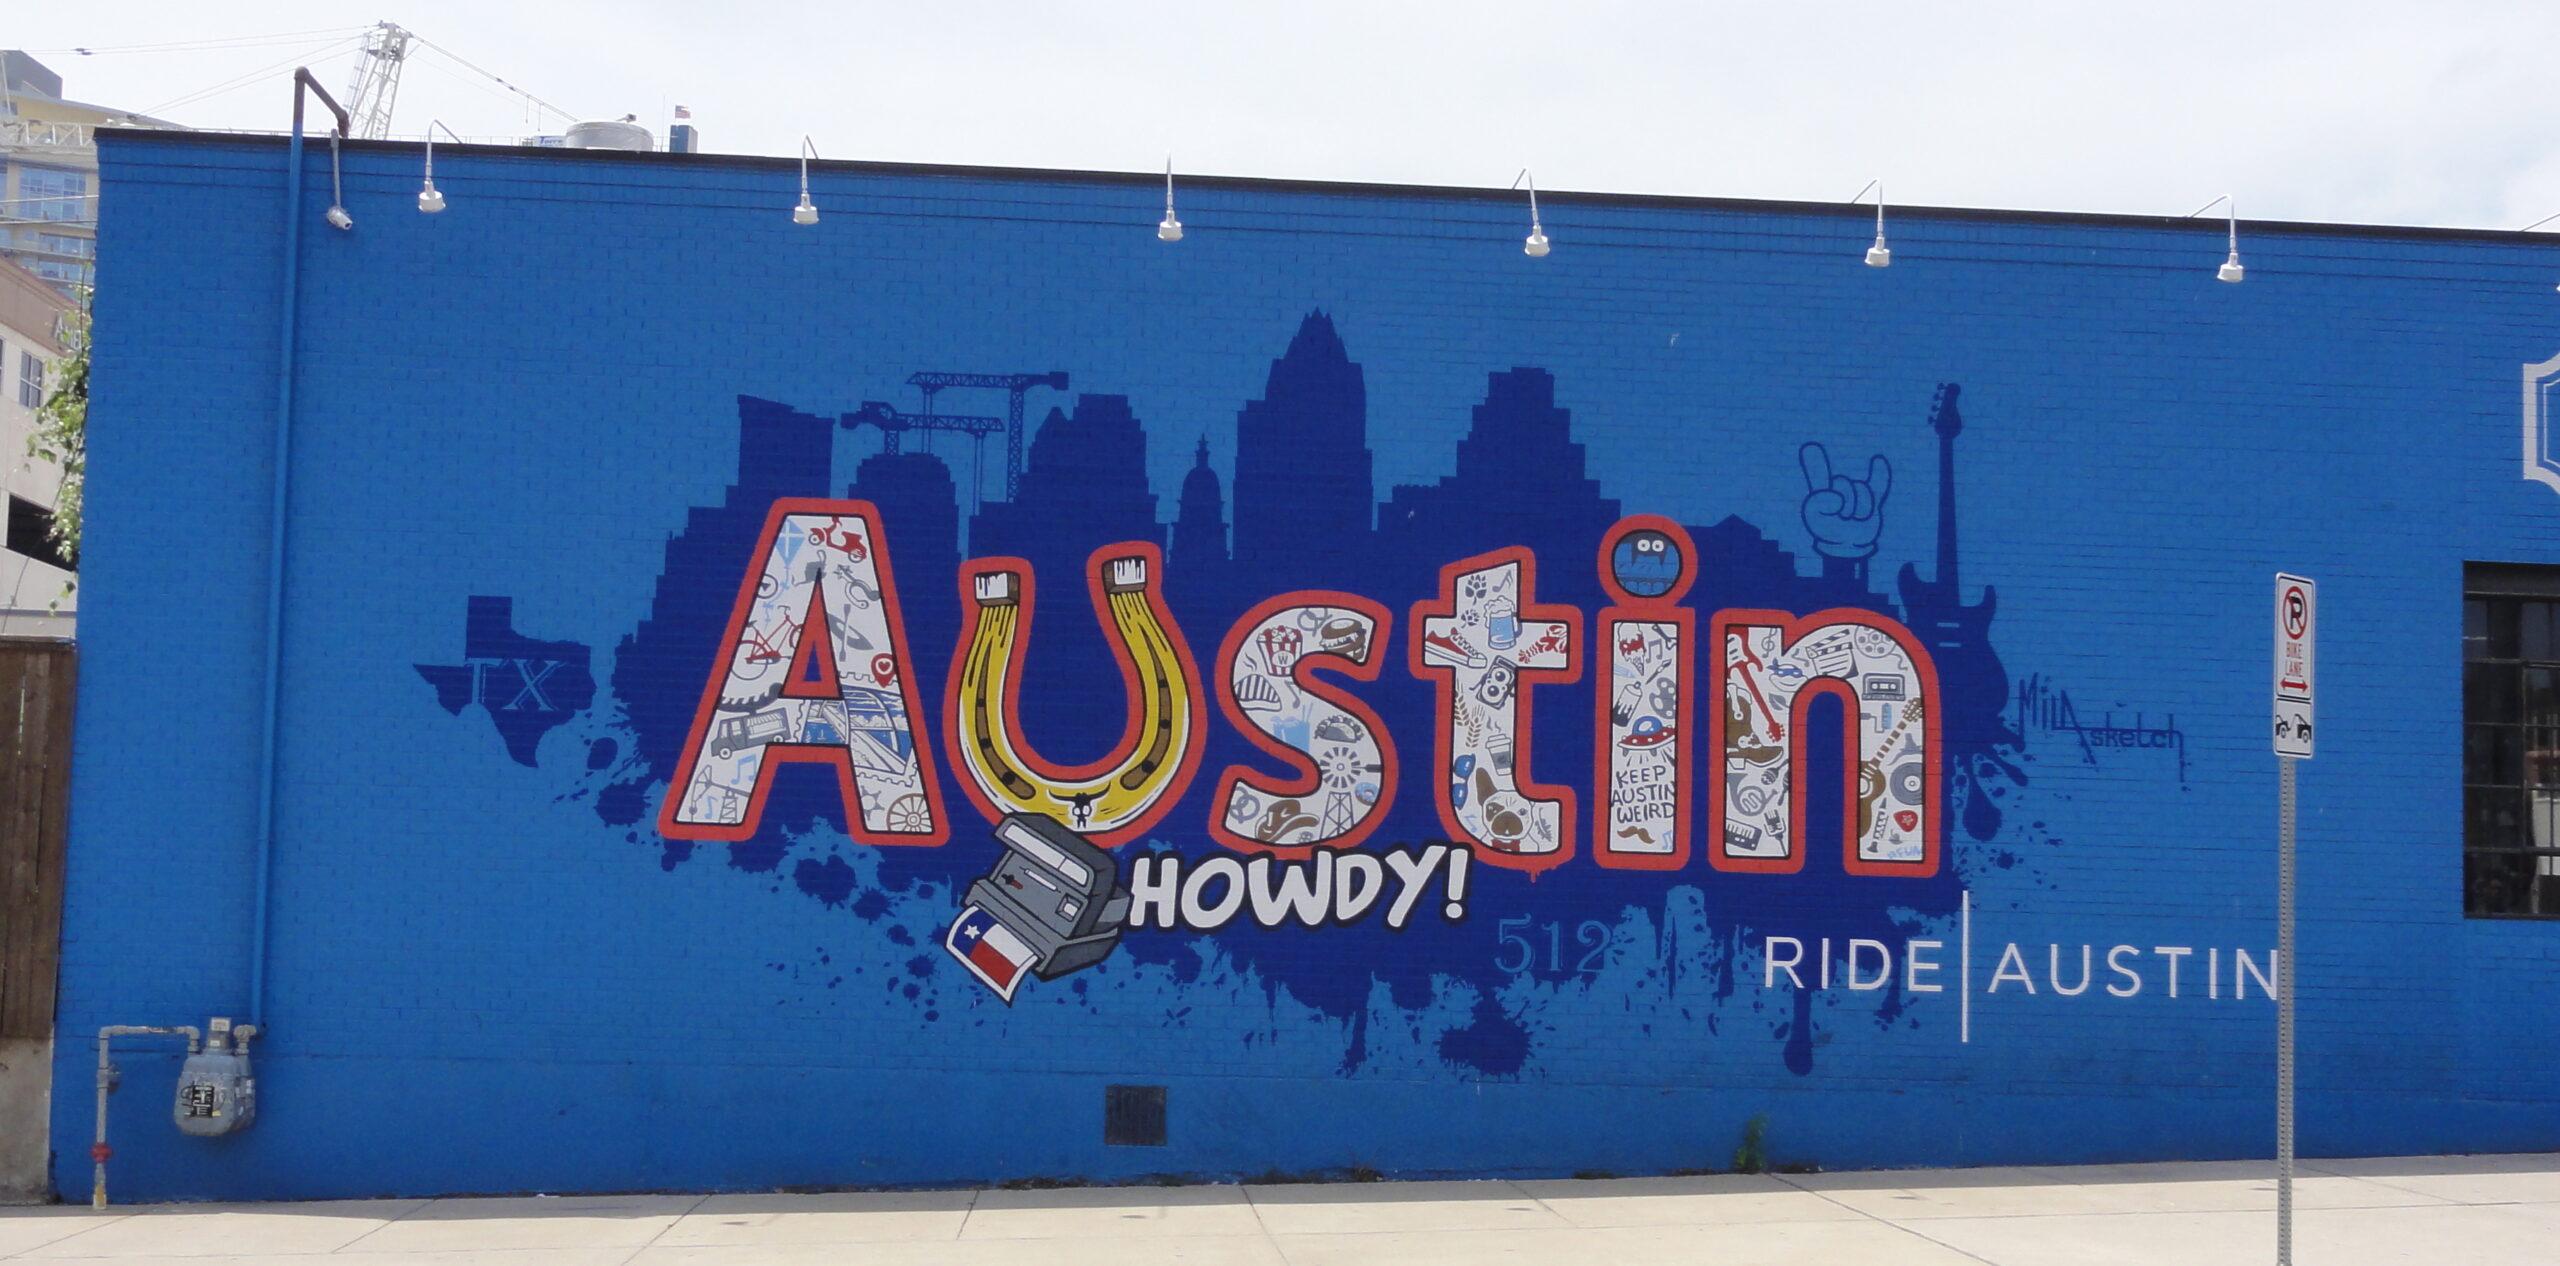 Howdy Mural